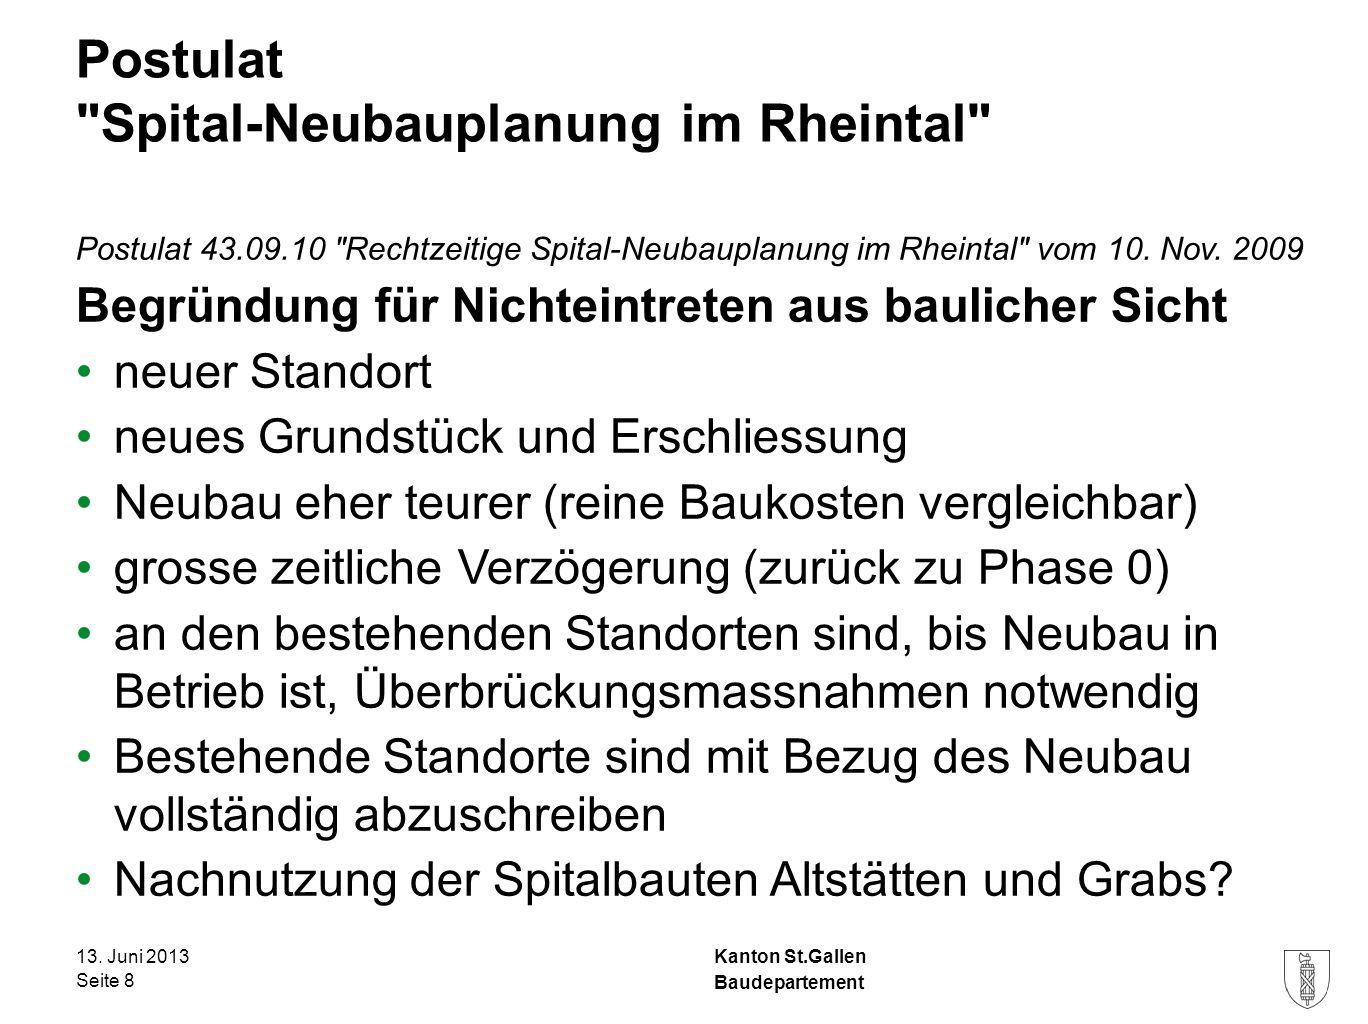 Kanton St.Gallen Interpellation Spitalausbauten trotz Baumoratorium Interpellation 51.11.05 Spitalausbauten trotz Baumoratorium vom 21.